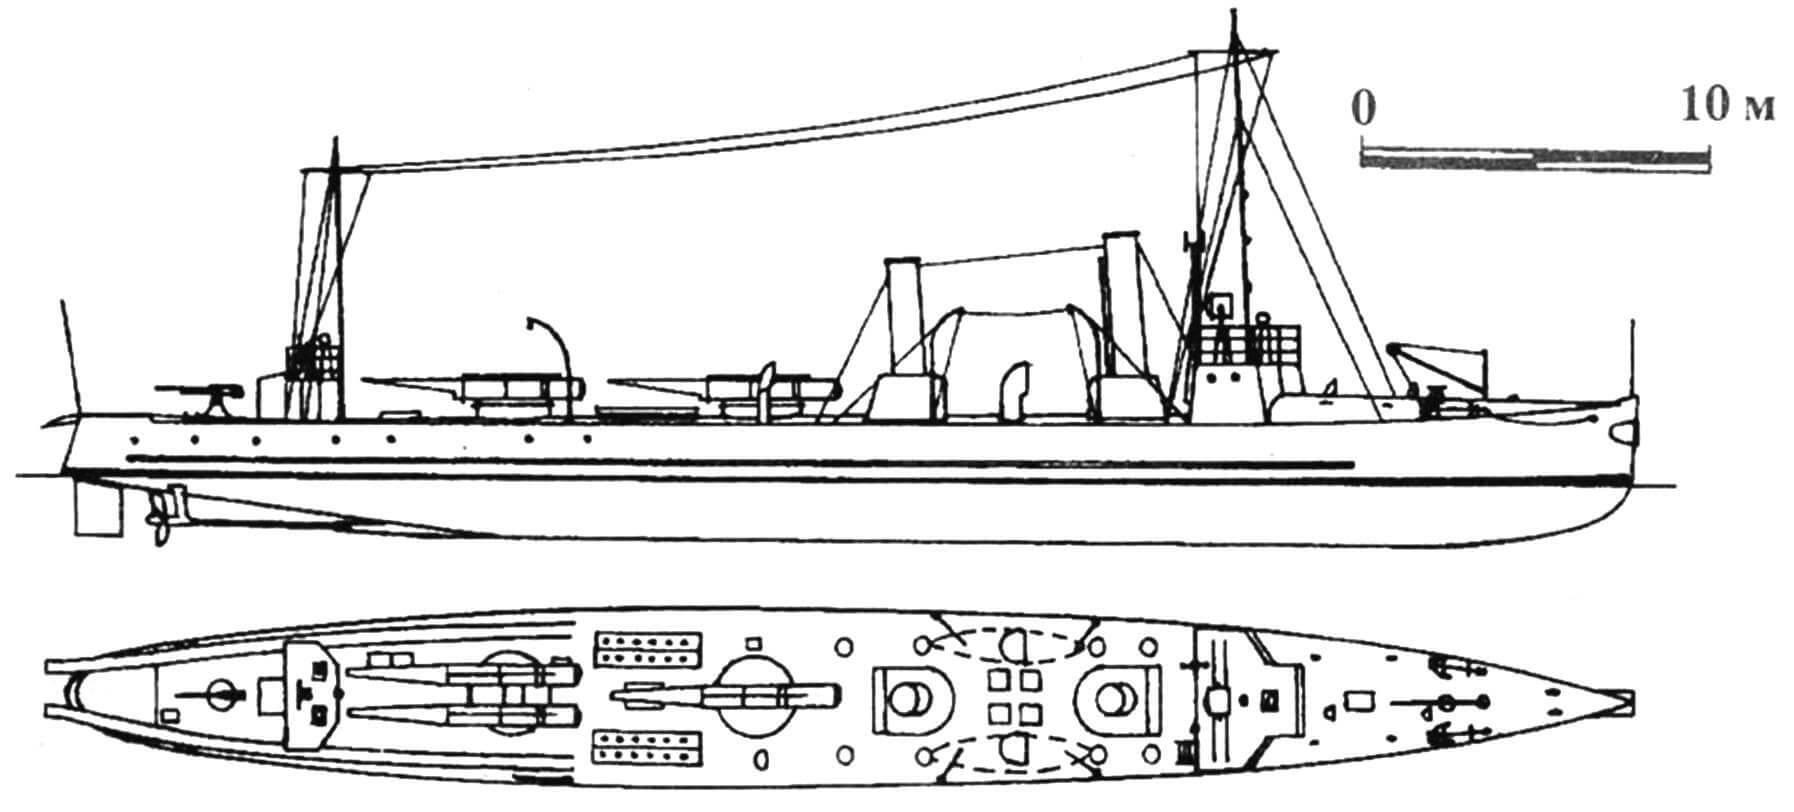 92. Миноносец «Хвальроссен», Дания, 1913 г. Строился на госверфи в Копенгагене. Водоизмещение нормальное 185 т. Длина наибольшая 45,2 м, ширина 5,18 м, осадка 2,13 м. Мощность двухвальной паросиловой установки 3500 л.с., скорость на испытаниях 26 узлов. Вооружение: четыре торпедных аппарата, одна 75-мм пушка. Всего построено три единицы: «Хвальроссен», «Дельфинен» и «Свэрдфискен», вошедшие в строй в 1912— 1913 гг. «Хвальроссен» затоплен в 1942 г. при попытке немцев захватить датские корабли; остальные исключены из списков в 1932 г.